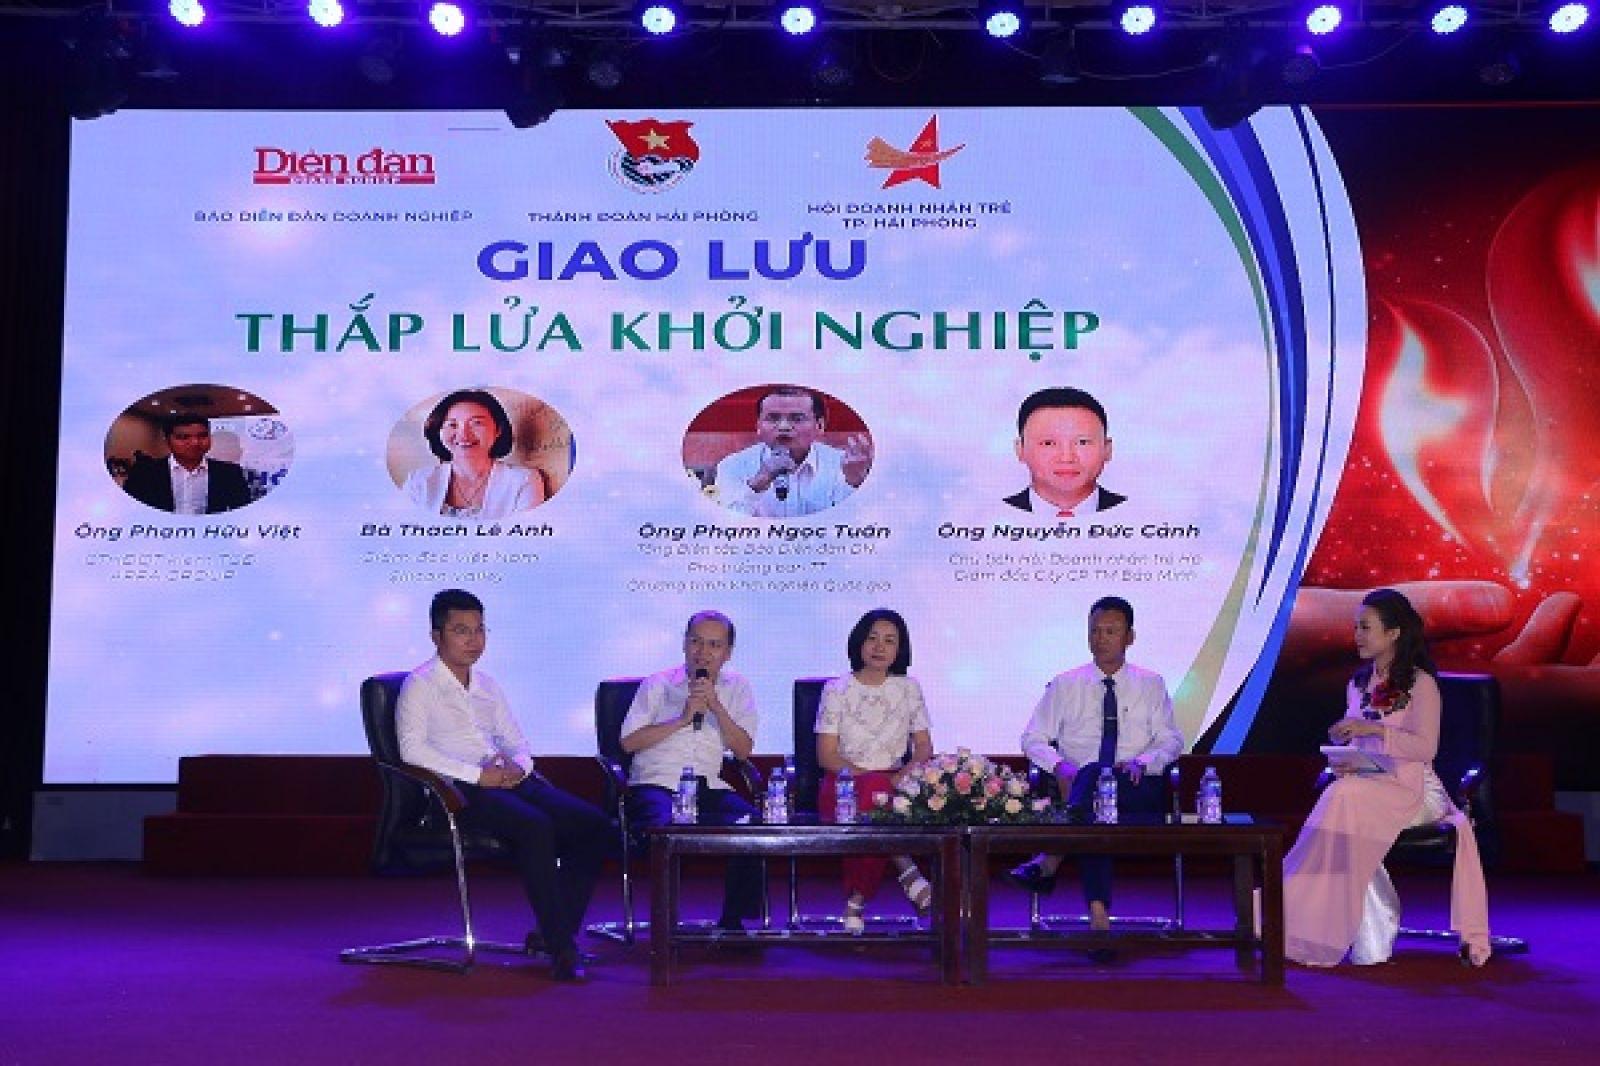 Bà Thạch Lê Anh tham gia giao lưu thắp lửa khởi nghiệp tại Hải Phòng do Báo Diễn đàn Doanh nghiệp phối hợp với Thành Đoàn và Hội Doanh nhân trẻ Hải Phòng tổ chức